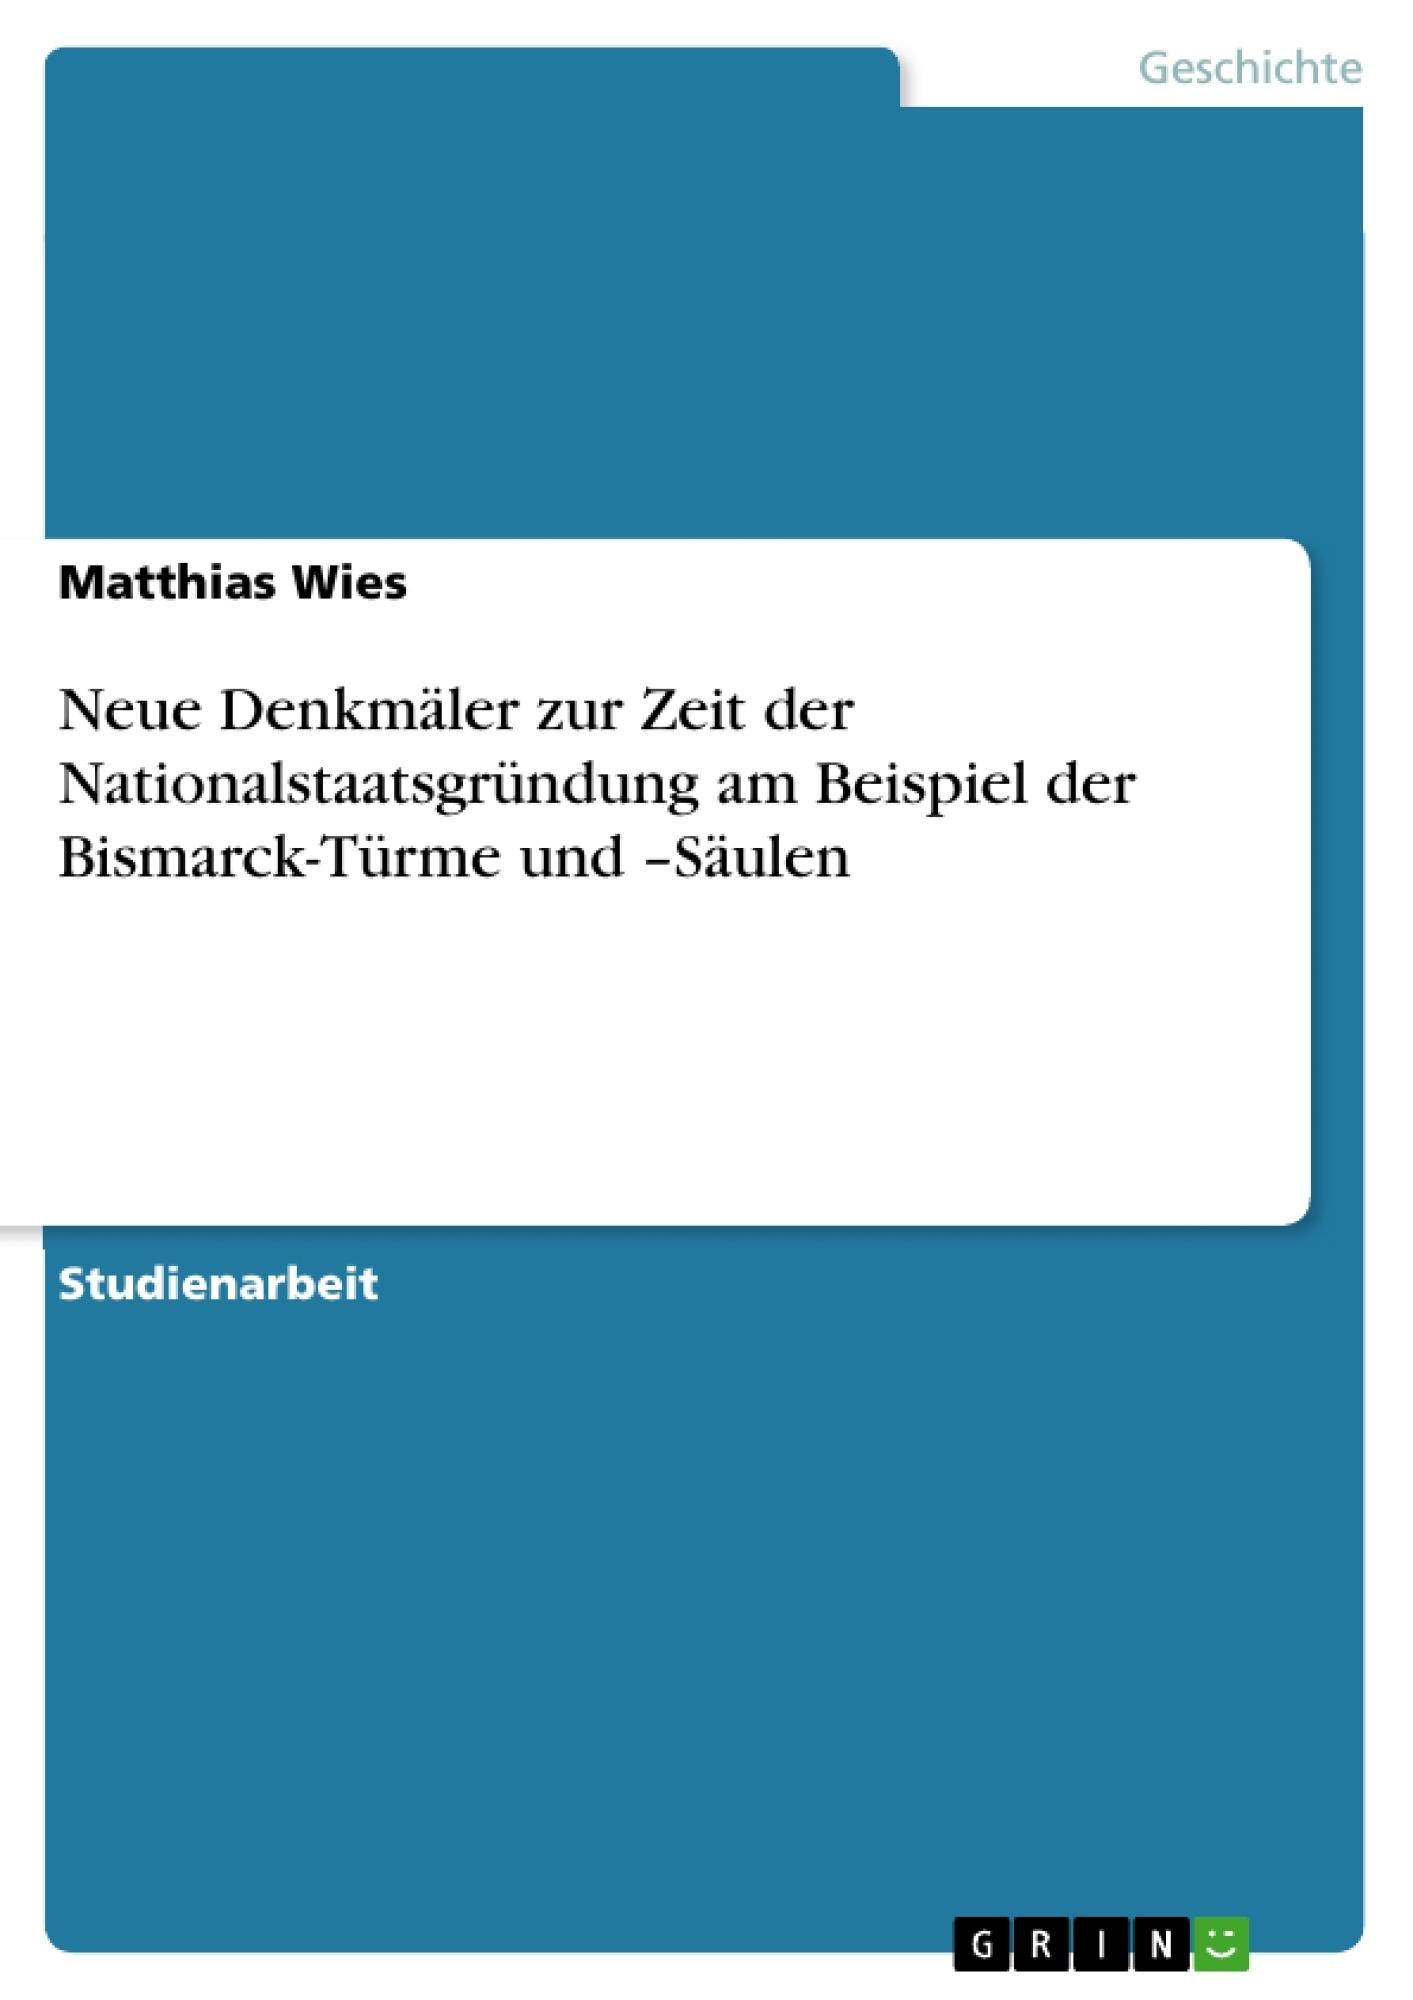 Titel: Neue Denkmäler zur Zeit der Nationalstaatsgründung am Beispiel der Bismarck-Türme und –Säulen